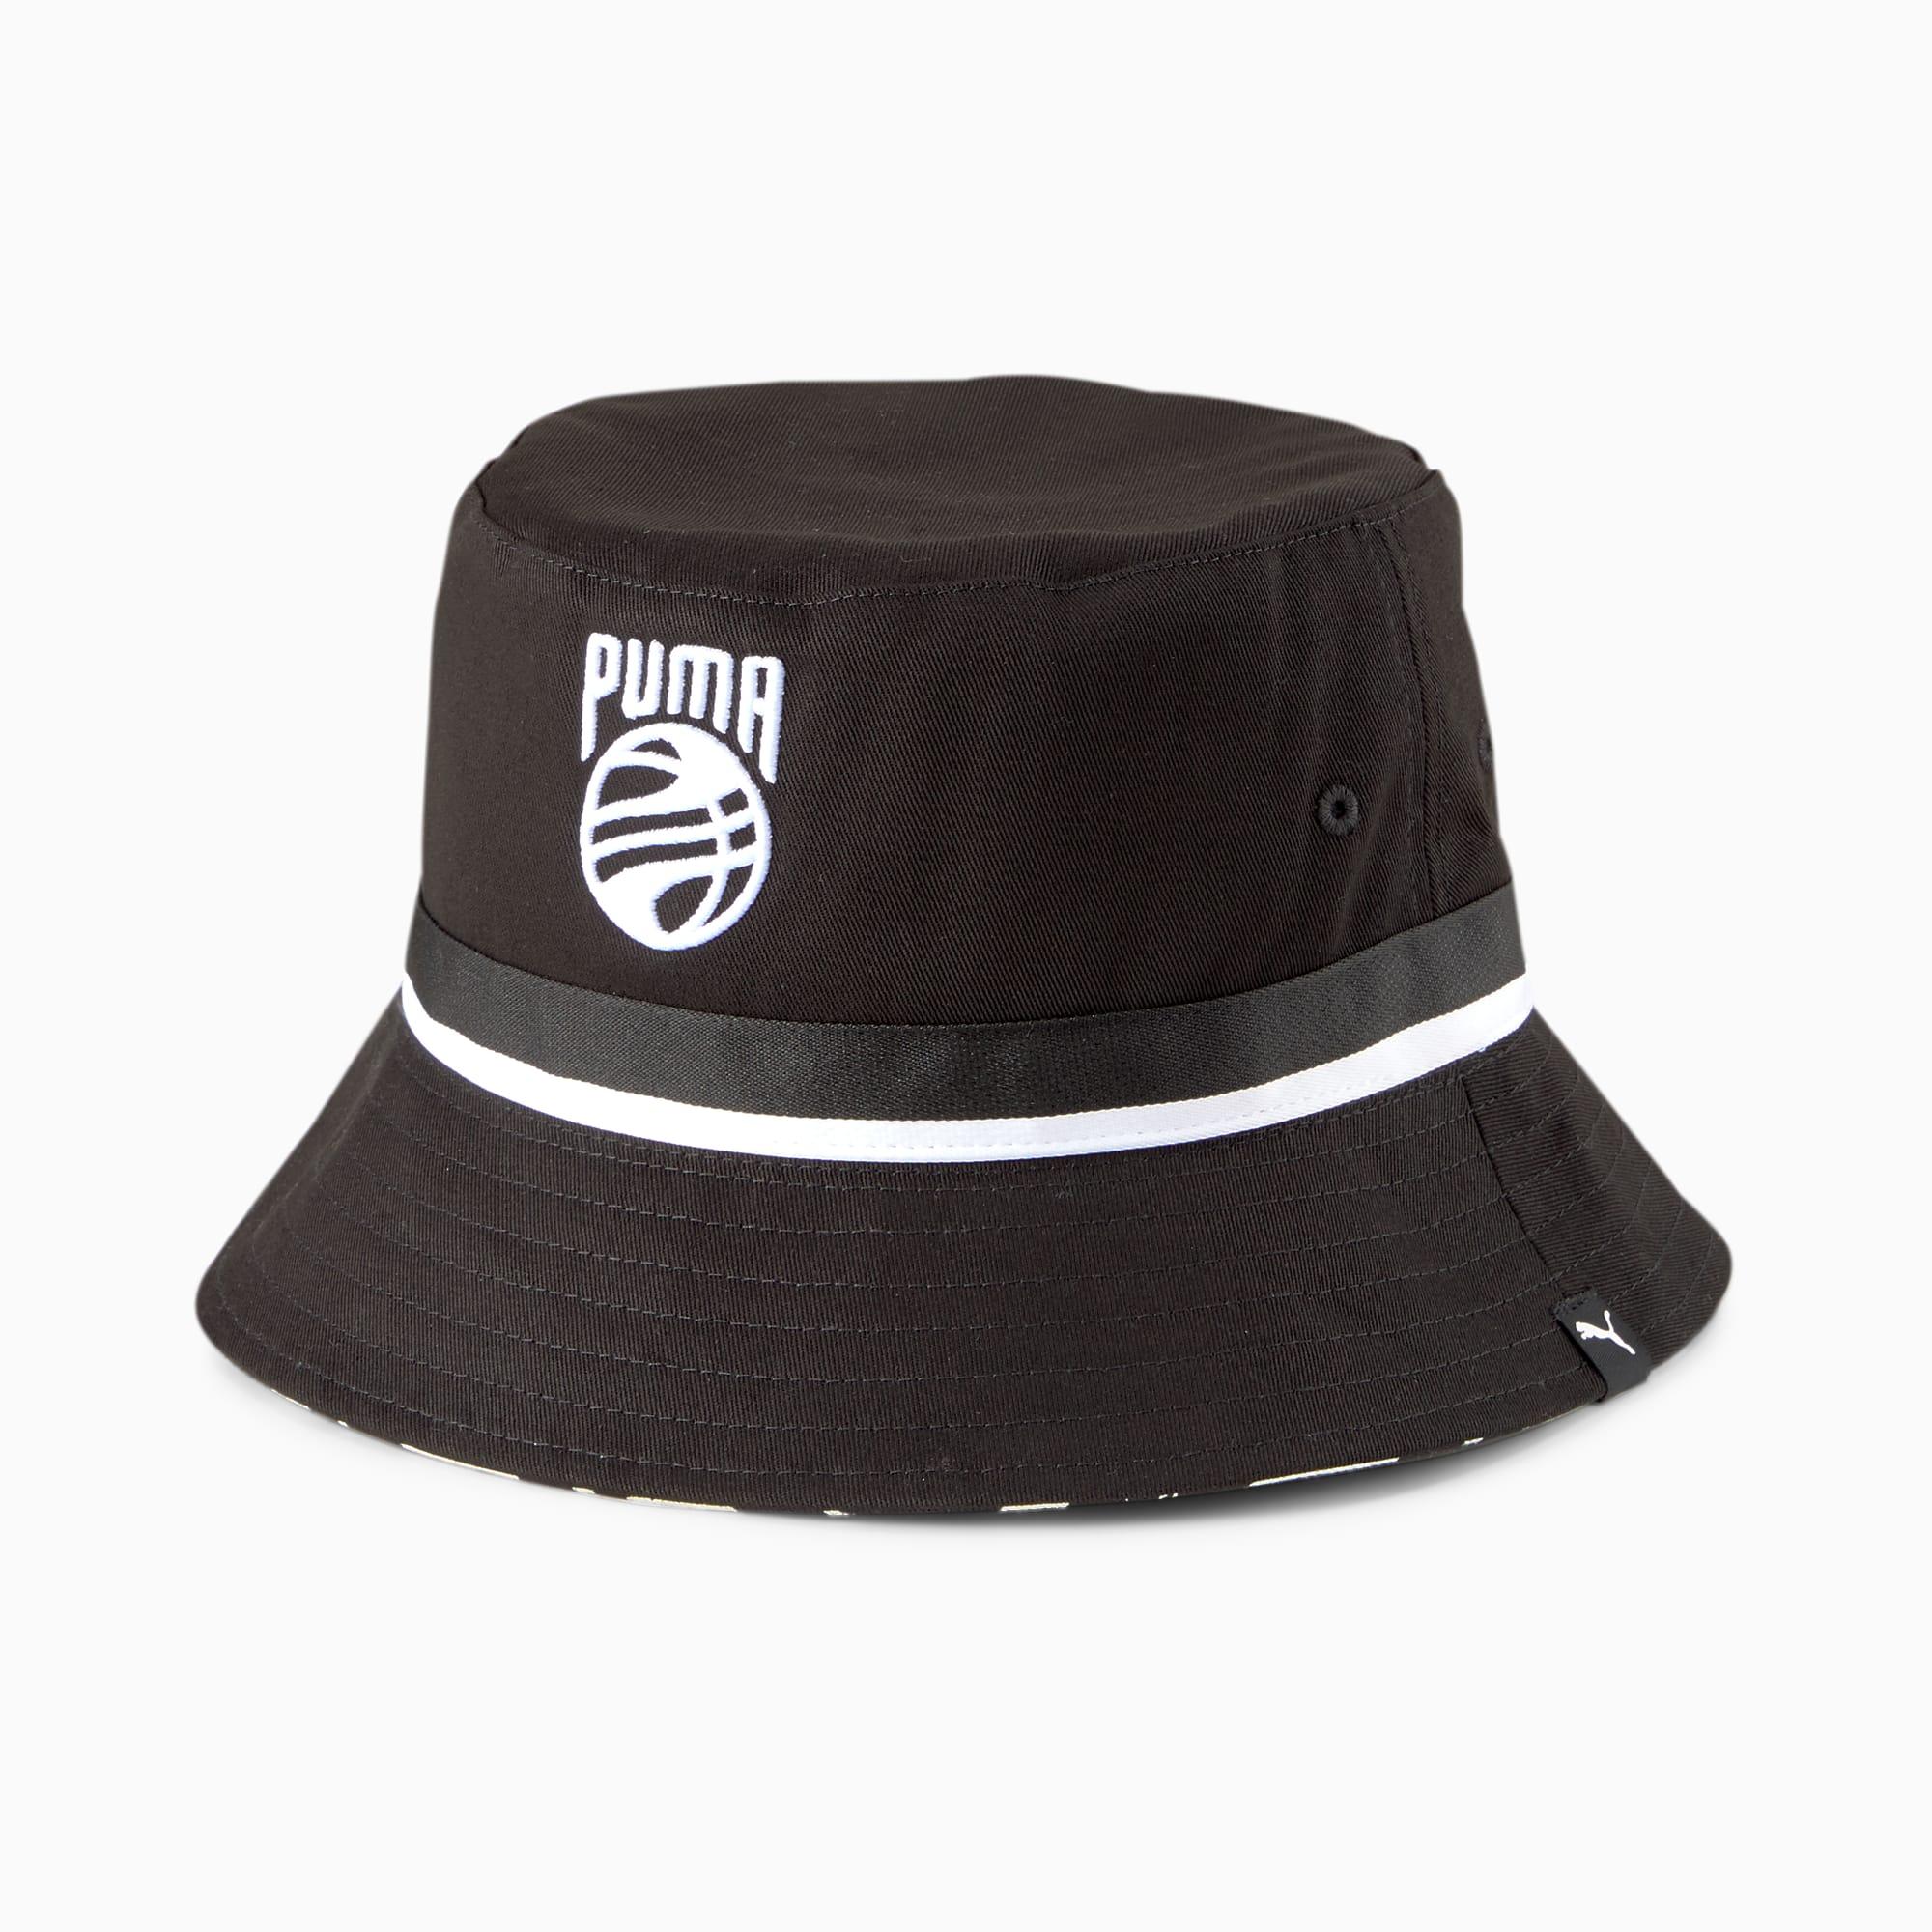 Bob de basket, Noir, Taille L/XL, Accessoires - PUMA - Modalova